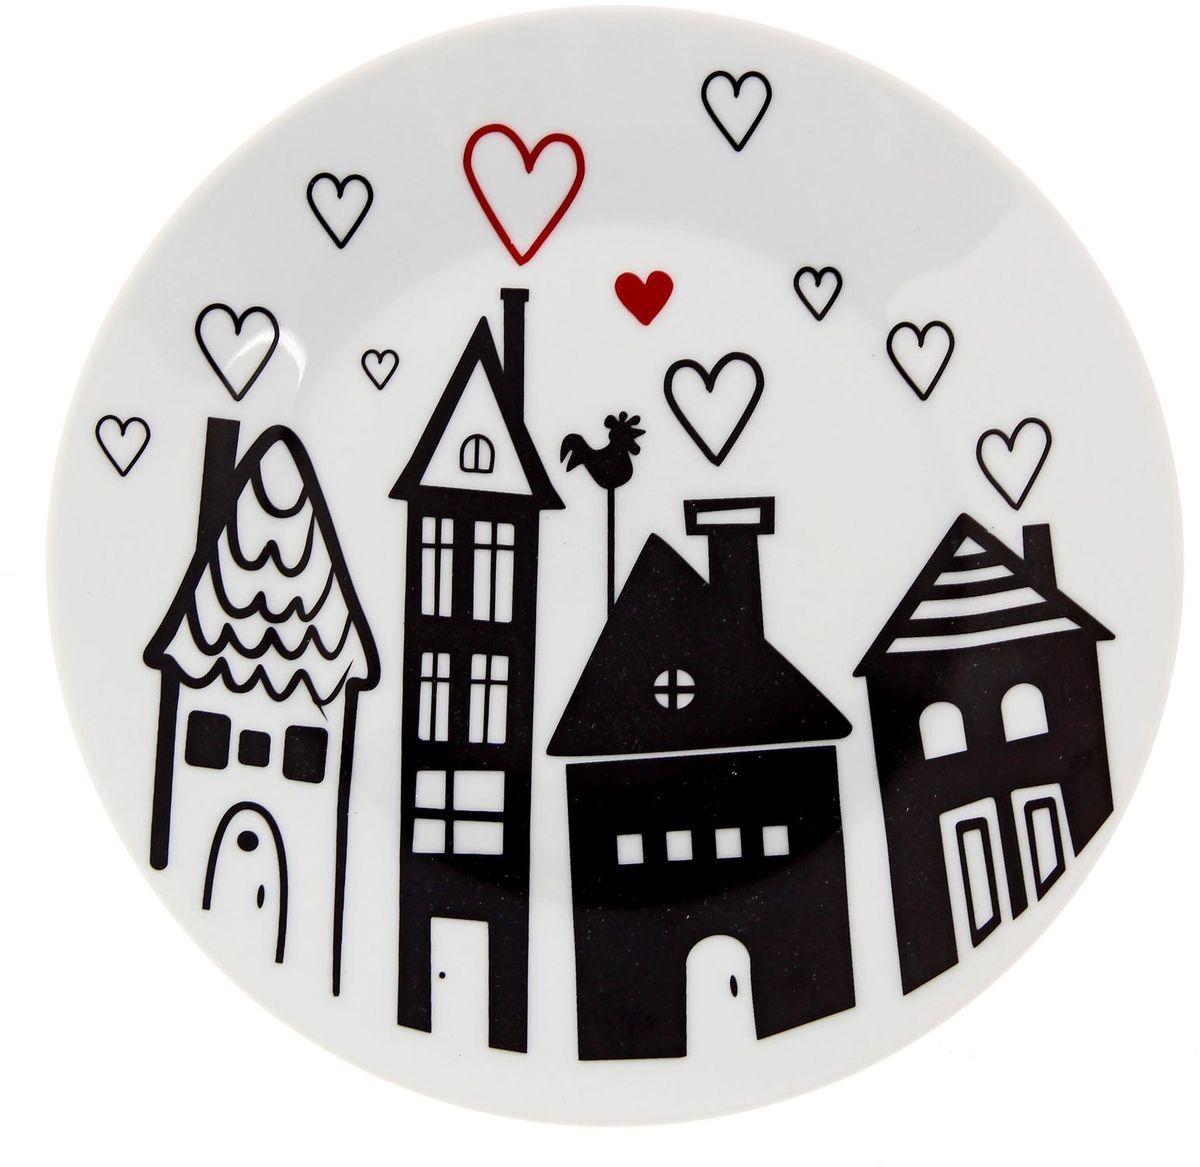 Тарелка мелкая Сотвори чудо Город любви, диаметр 20 см тарелка мелкая сотвори чудо цветочный мишка диаметр 20 см